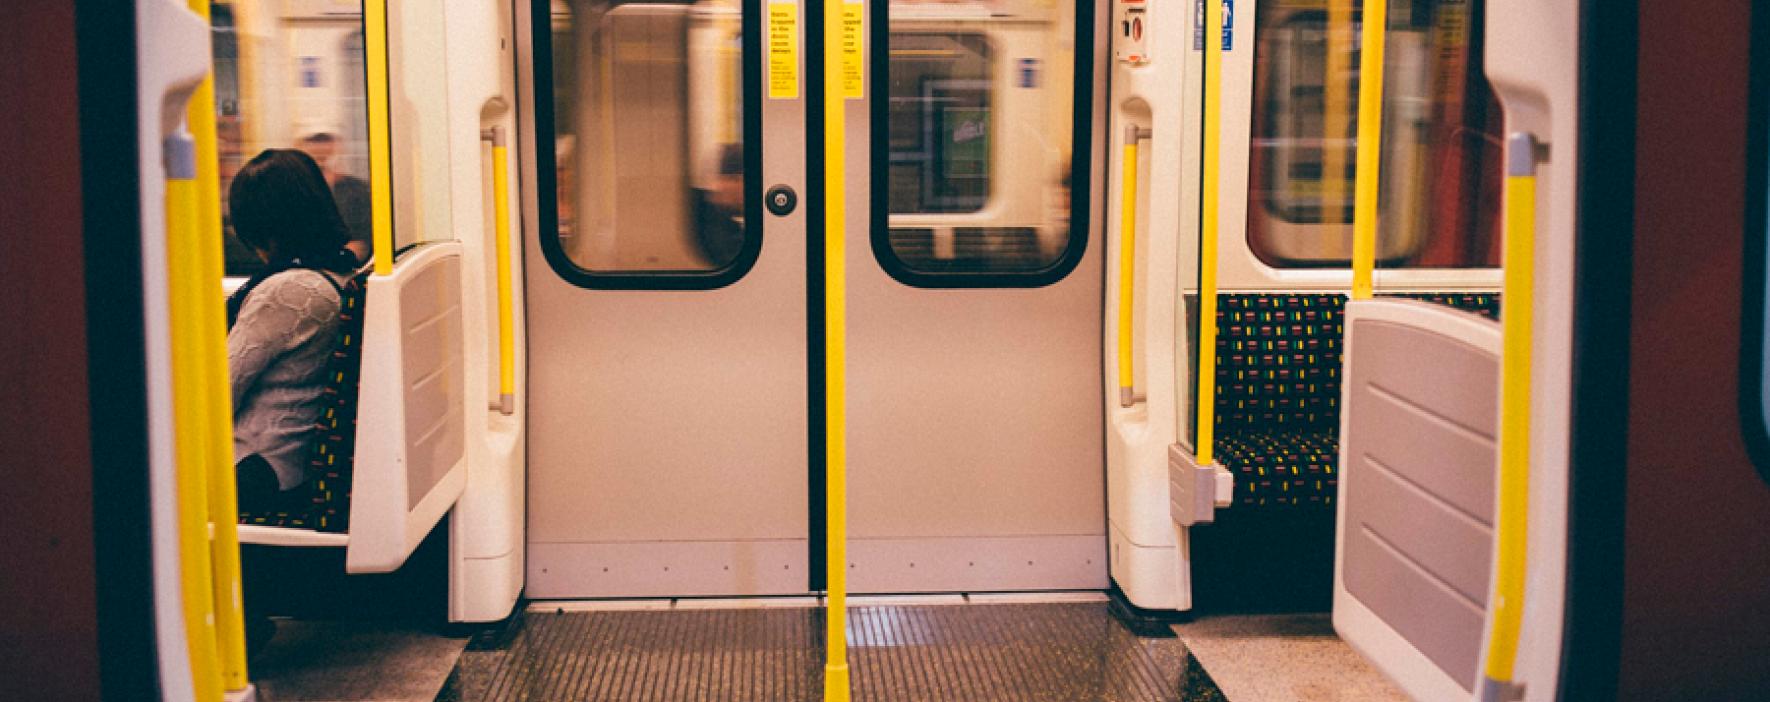 Grupo de empresarios italianos participarían en construcción del metro de Bogotá